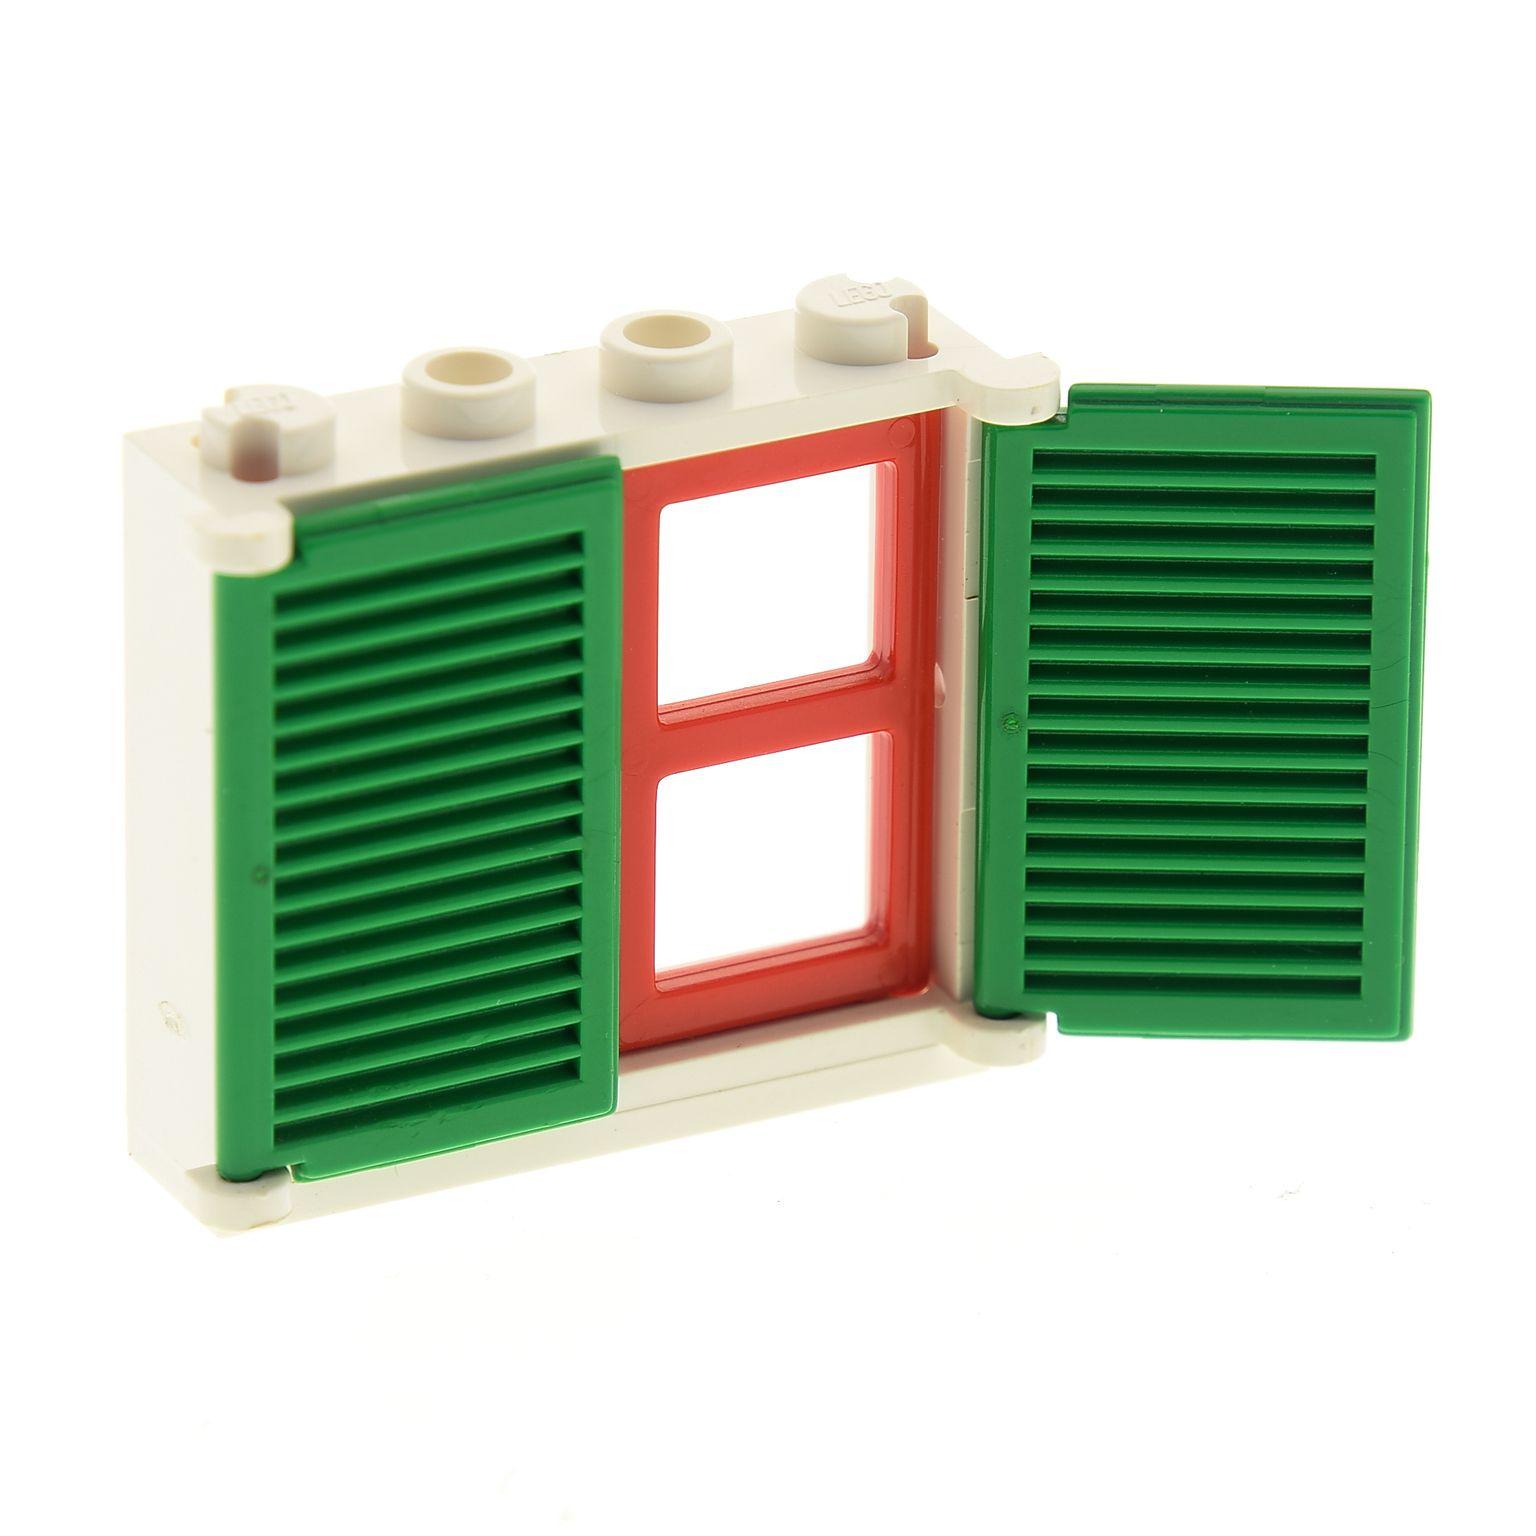 Lego Rahmen Fenster 4033 blau 1x4x3 Scheibe 3855 rot transparent für 6886 6986 .